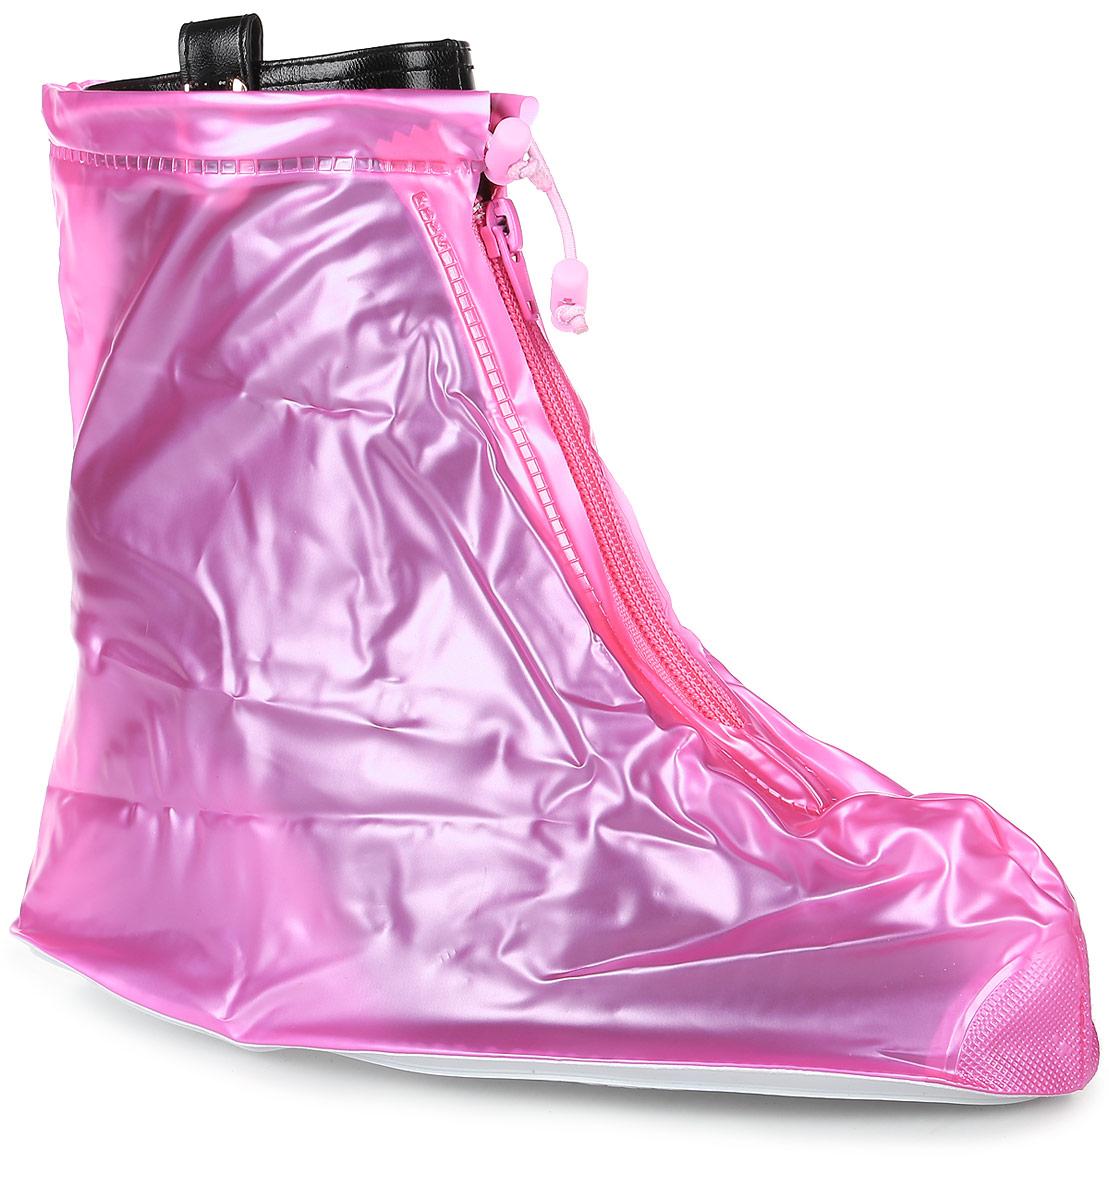 Дождевик для обуви Homsu, на молнии, цвет: розовый. Размер M (37/38)R-115Дождевик Homsu выполнен из прочного водонепроницаемого материала и предназначен для защиты обуви от воды и грязи. Застегивается изделие на застежку-молнию, расположенную спереди. Верхняя часть изделия регулируется в объеме за счет эластичного шнурка со стопперами. Благодаря дождевику ваша обувь будет сухой и чистой в любую погоду! Комплектация: 1 пара.